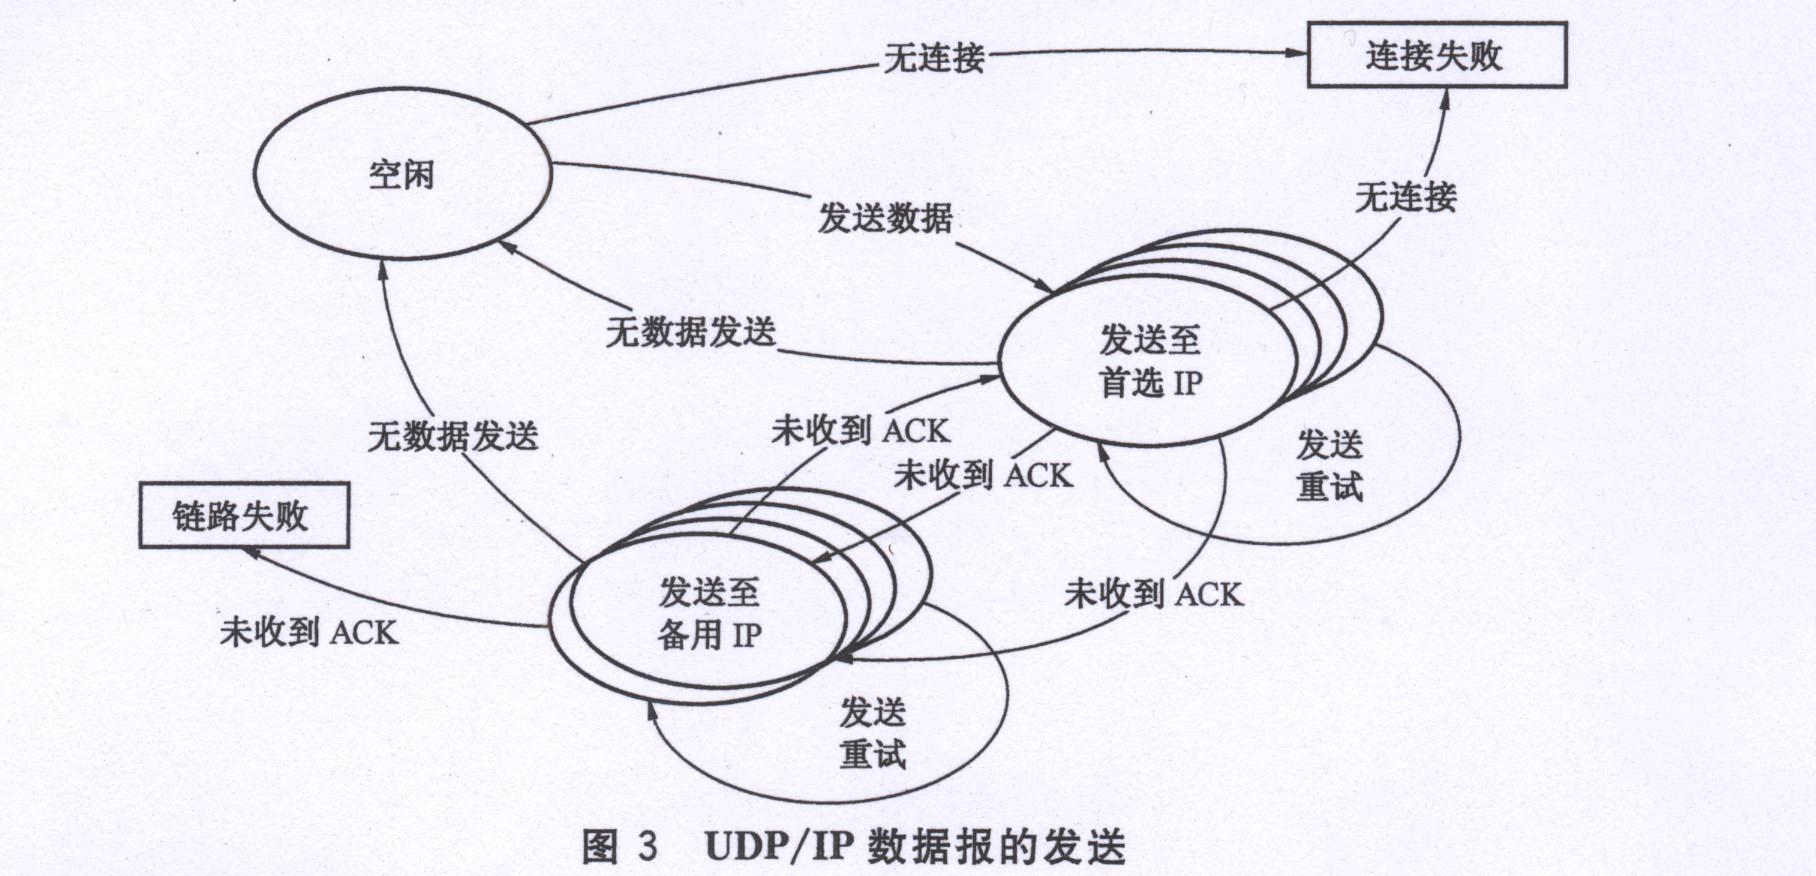 消息处理要求 报文消息数据由二进制8比特数据包构成。将二进制数据包构建成最终用于移动通信传输的数据报文的过程由以下5个步骤组成:1 a. 构建二进制消息包; b. 消息包加密; c. 消息包MIME-Base642编码; d. 消息包SMS-PDU编码; e. 消息包添加报文标记,生成数据报文。 1 注:GPRS或CDMA1X或CSD将不含(d)的数据处理过程; 2 注:本算法详细定义见 RFC1521 MIME 报文构建处理过程规定如下:3 (1)构建消息包,其结构如下: [类型][子类型][数据][校